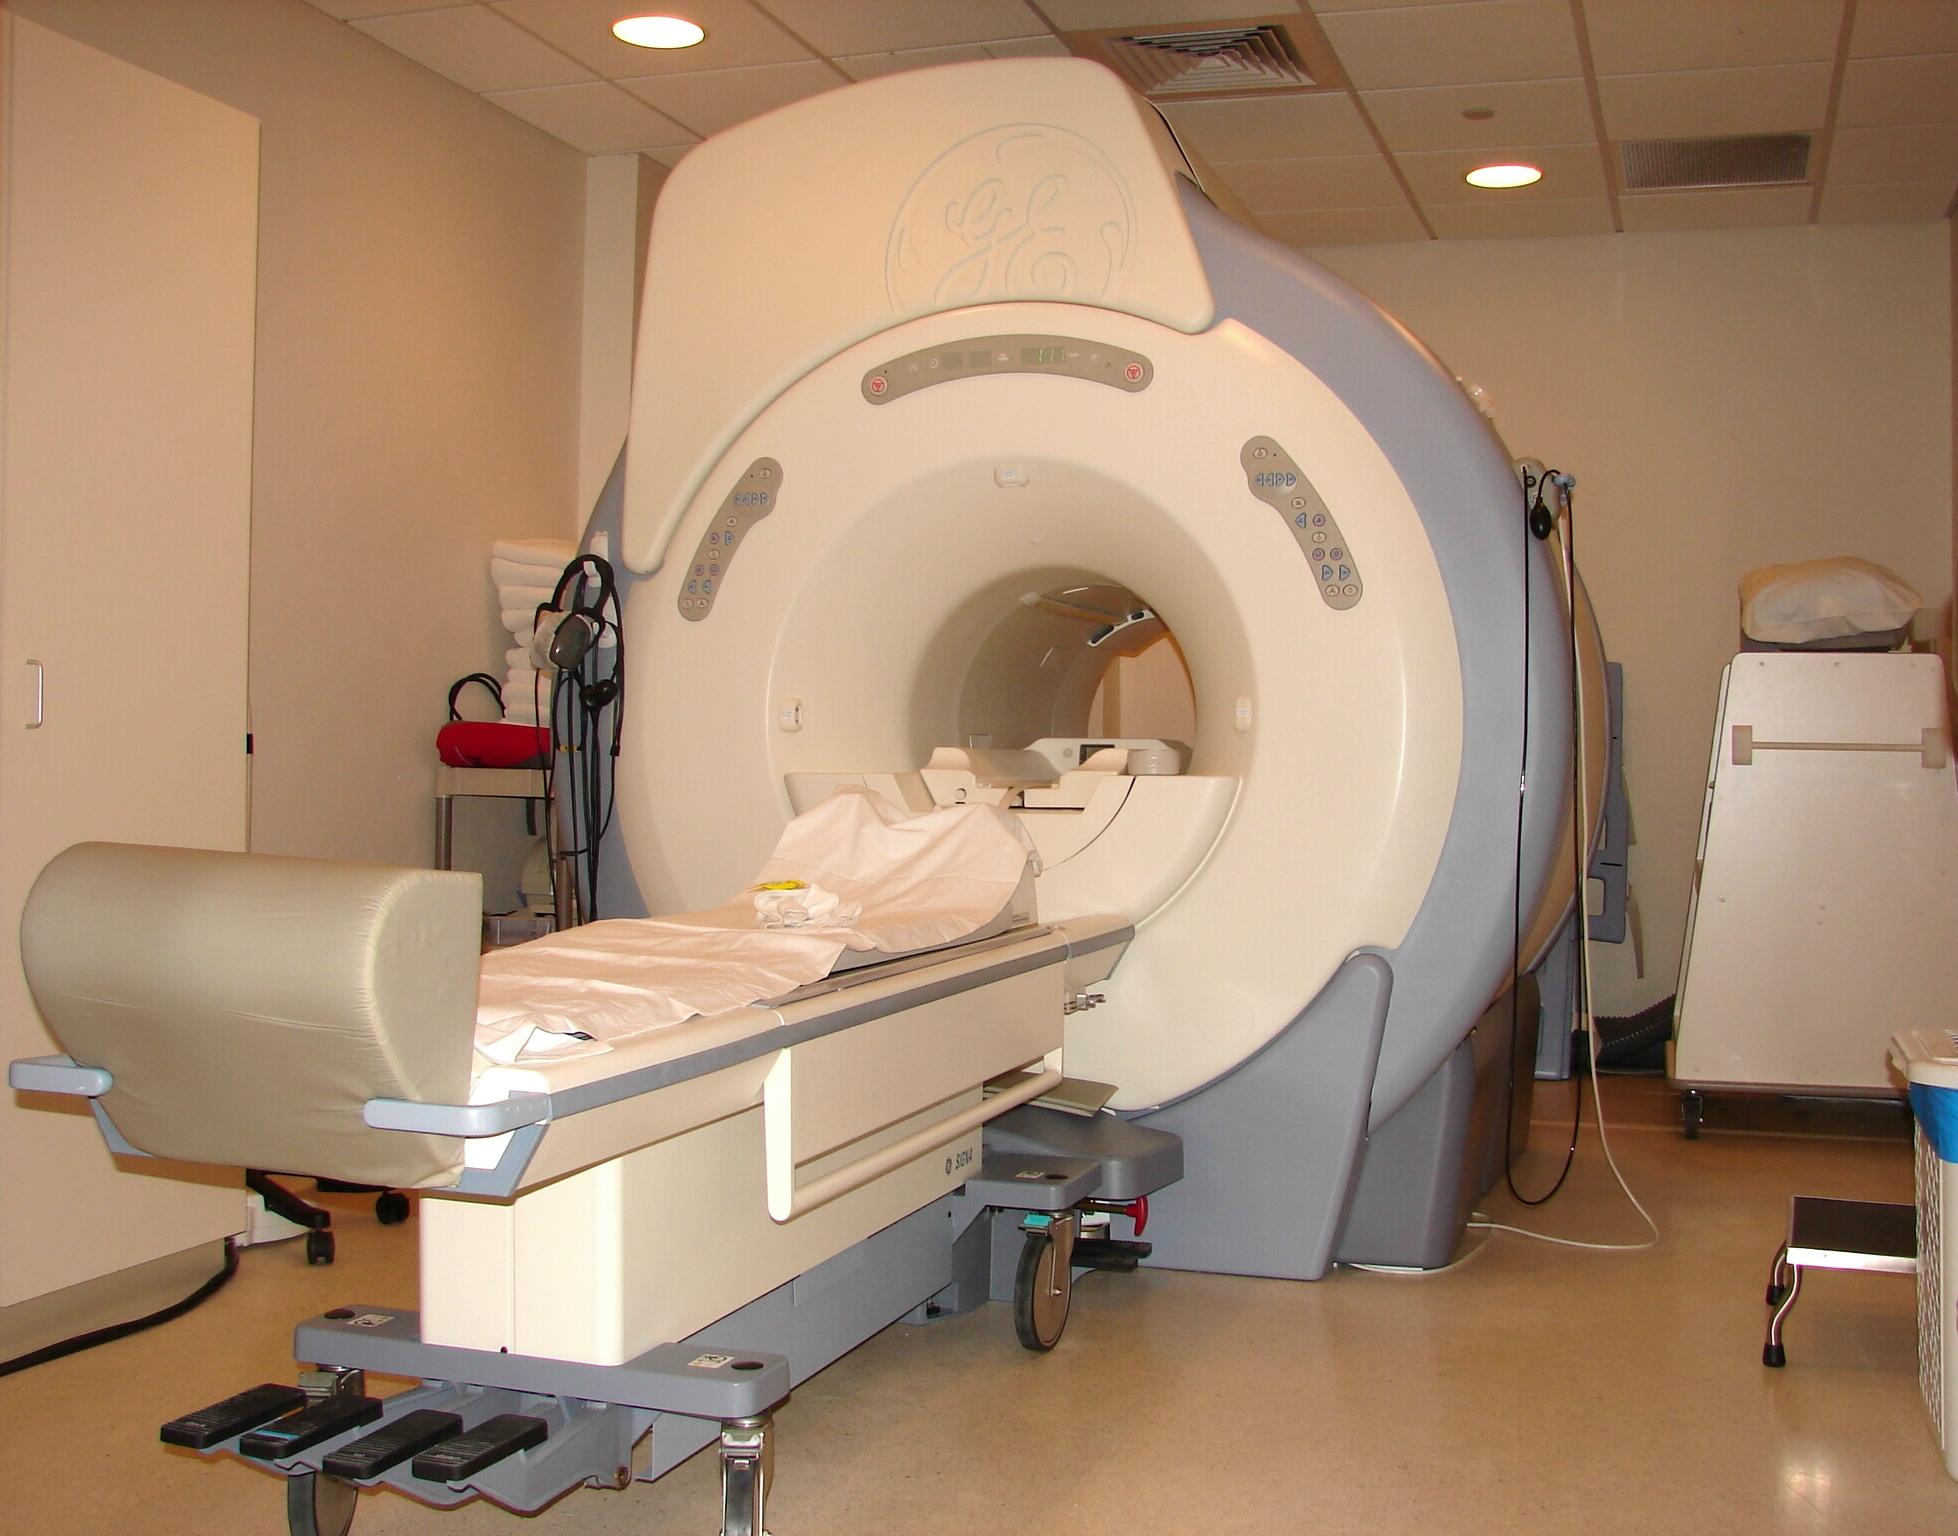 MRI Diagnostic Machine 1 by FantasyStock on DeviantArt